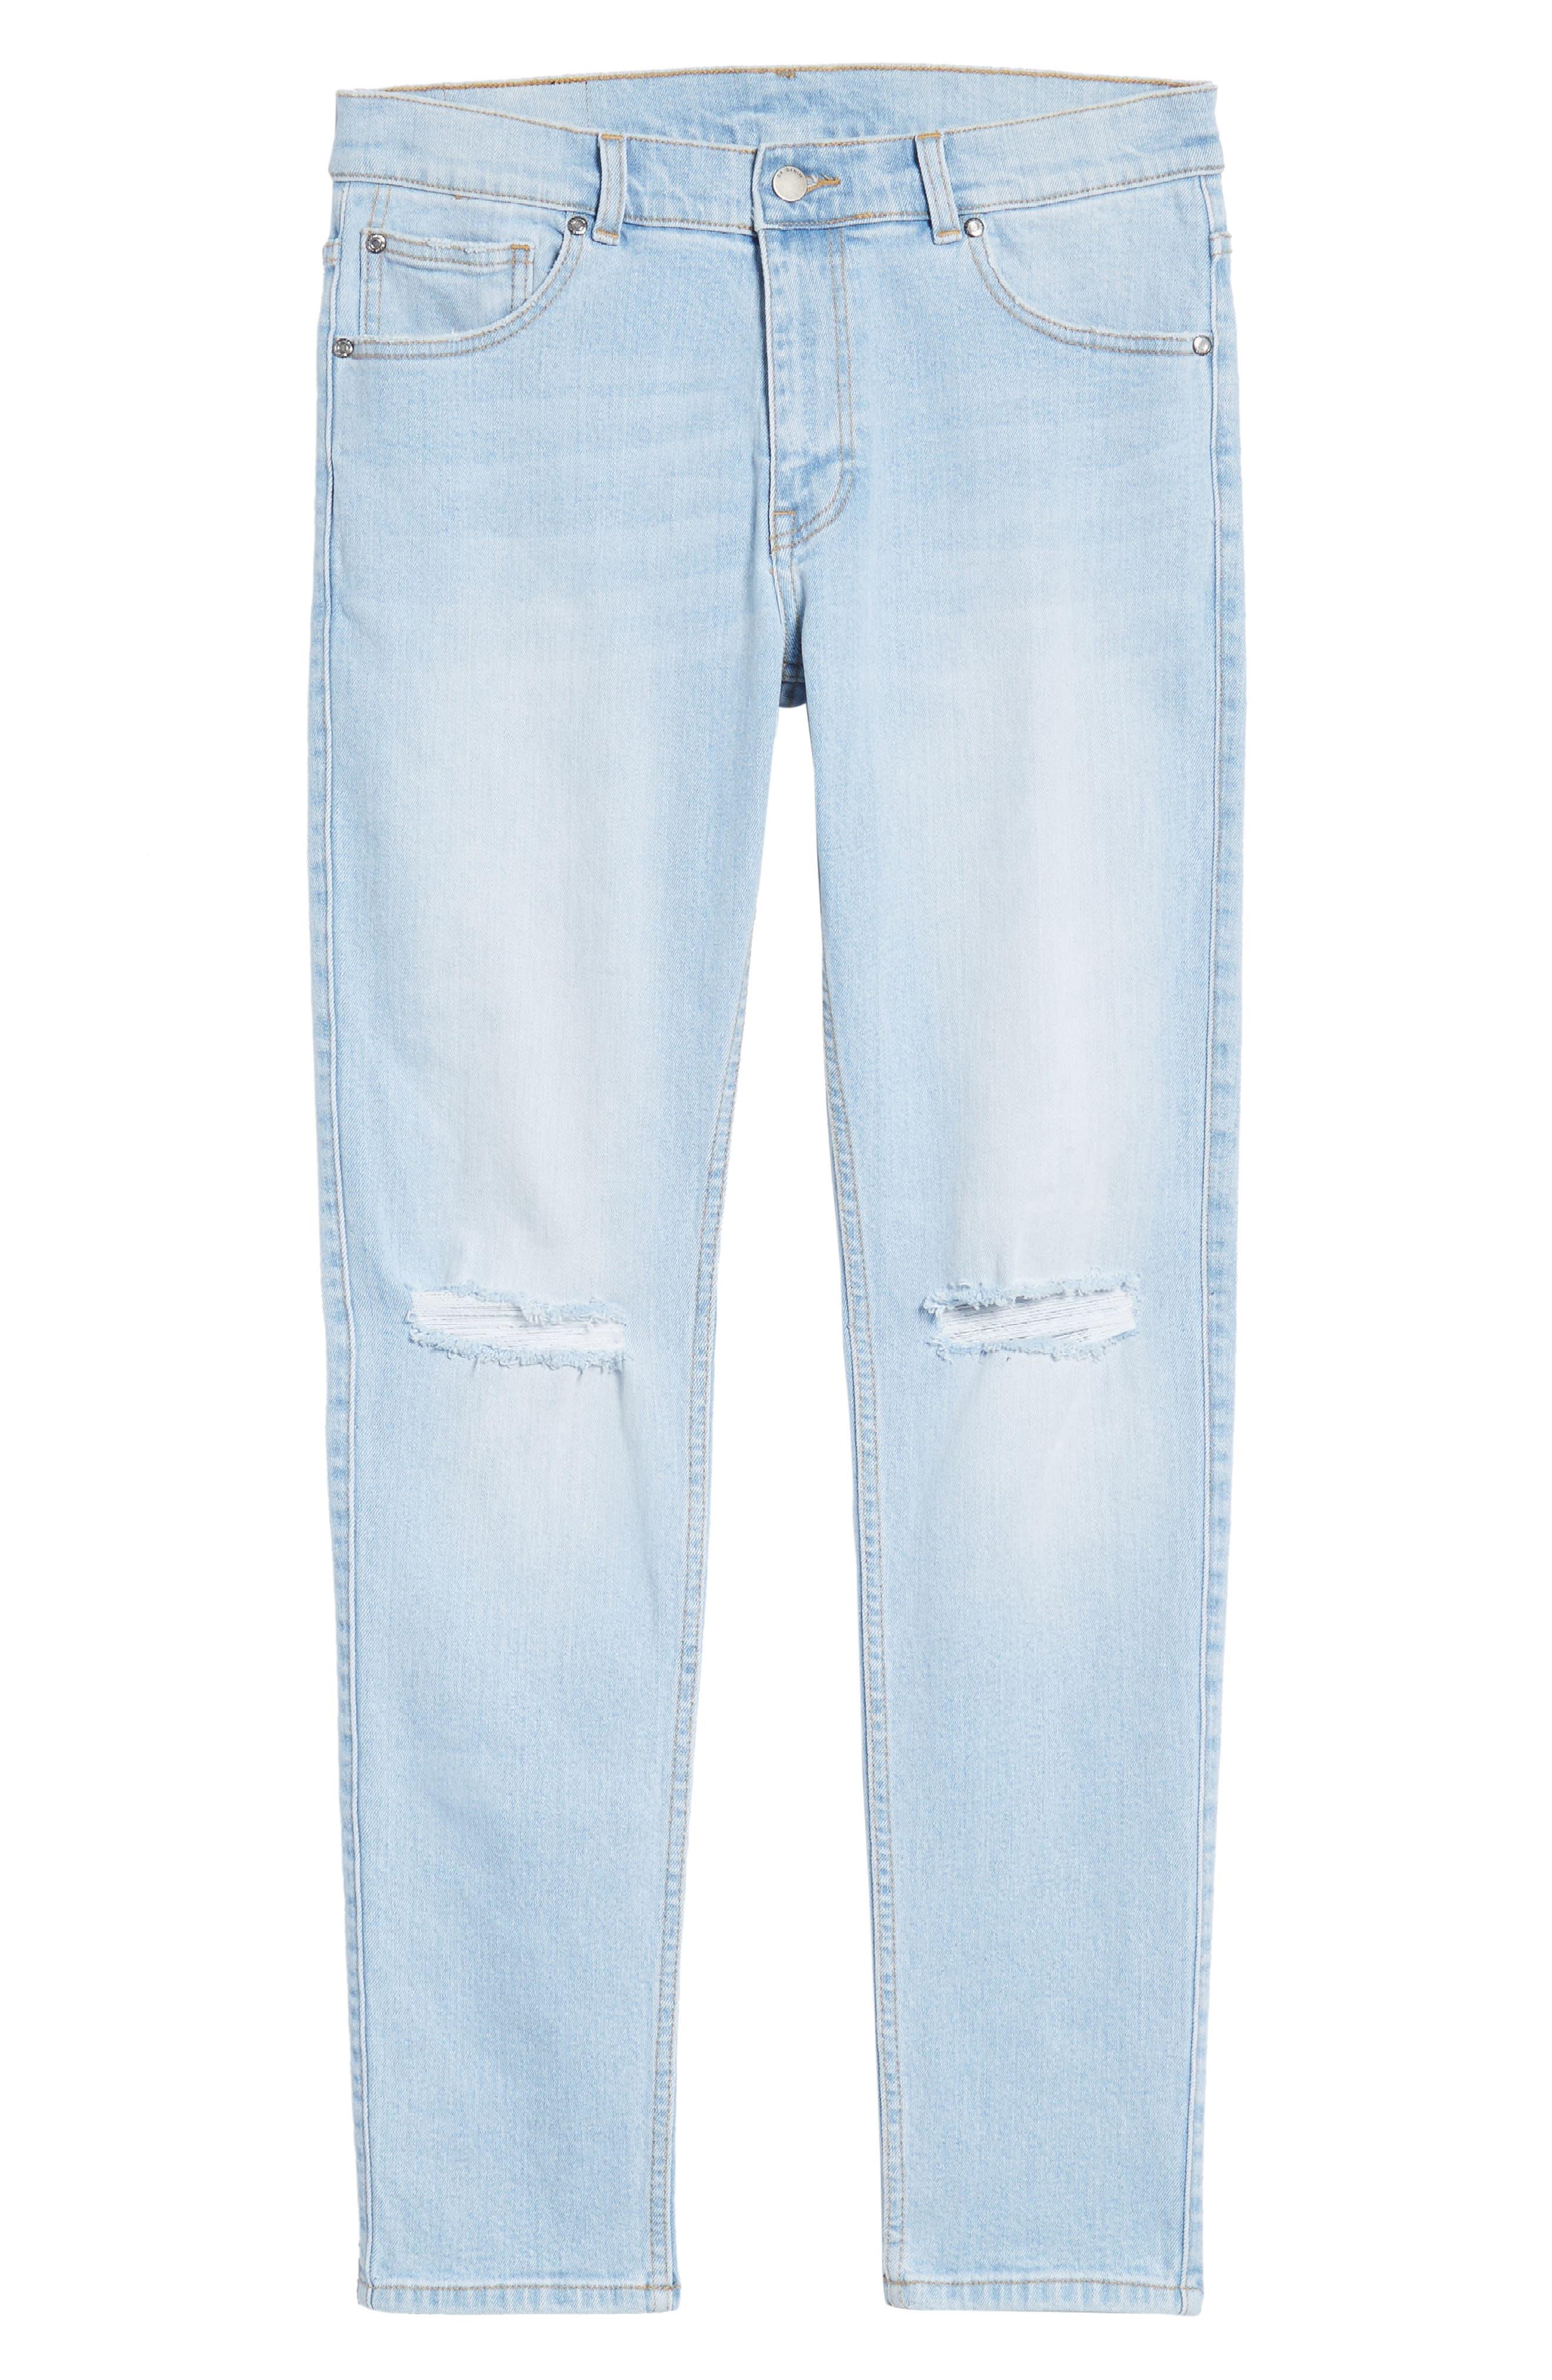 Clark Slim Straight Leg Jeans,                             Alternate thumbnail 6, color,                             Superlight Blue Ripped